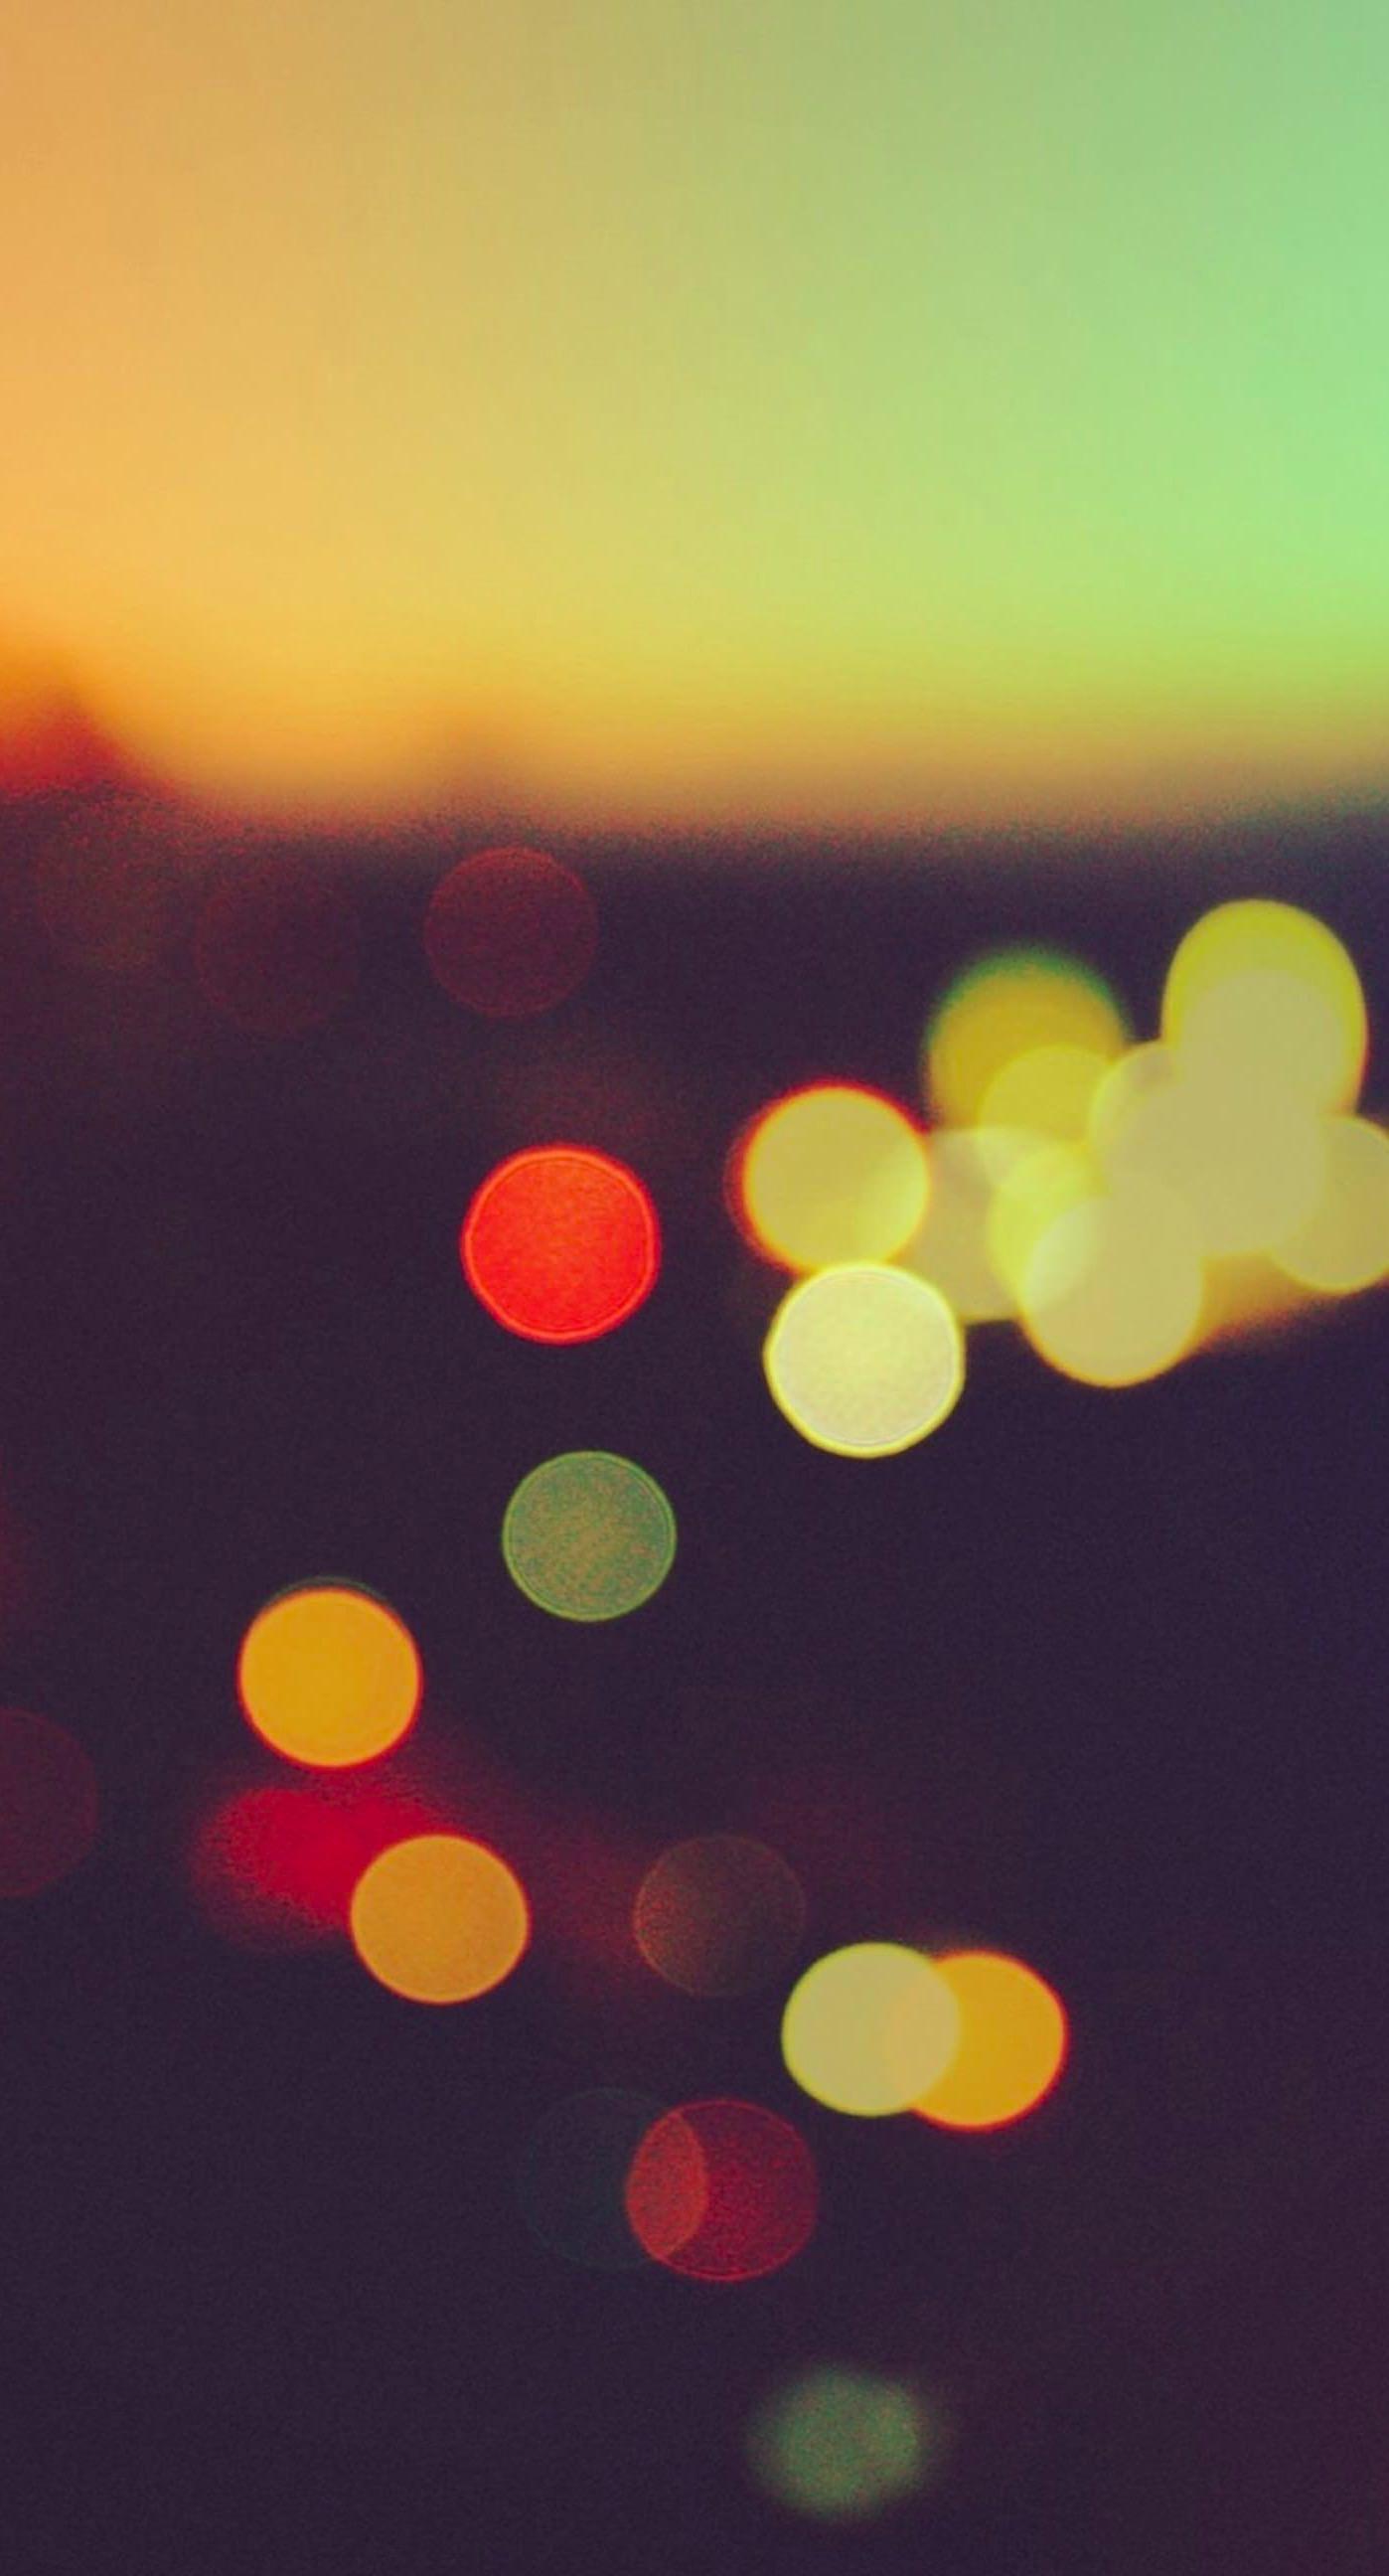 Pemandangan blur berwarna warni iphone7plus for Sfondi spettacolari hd